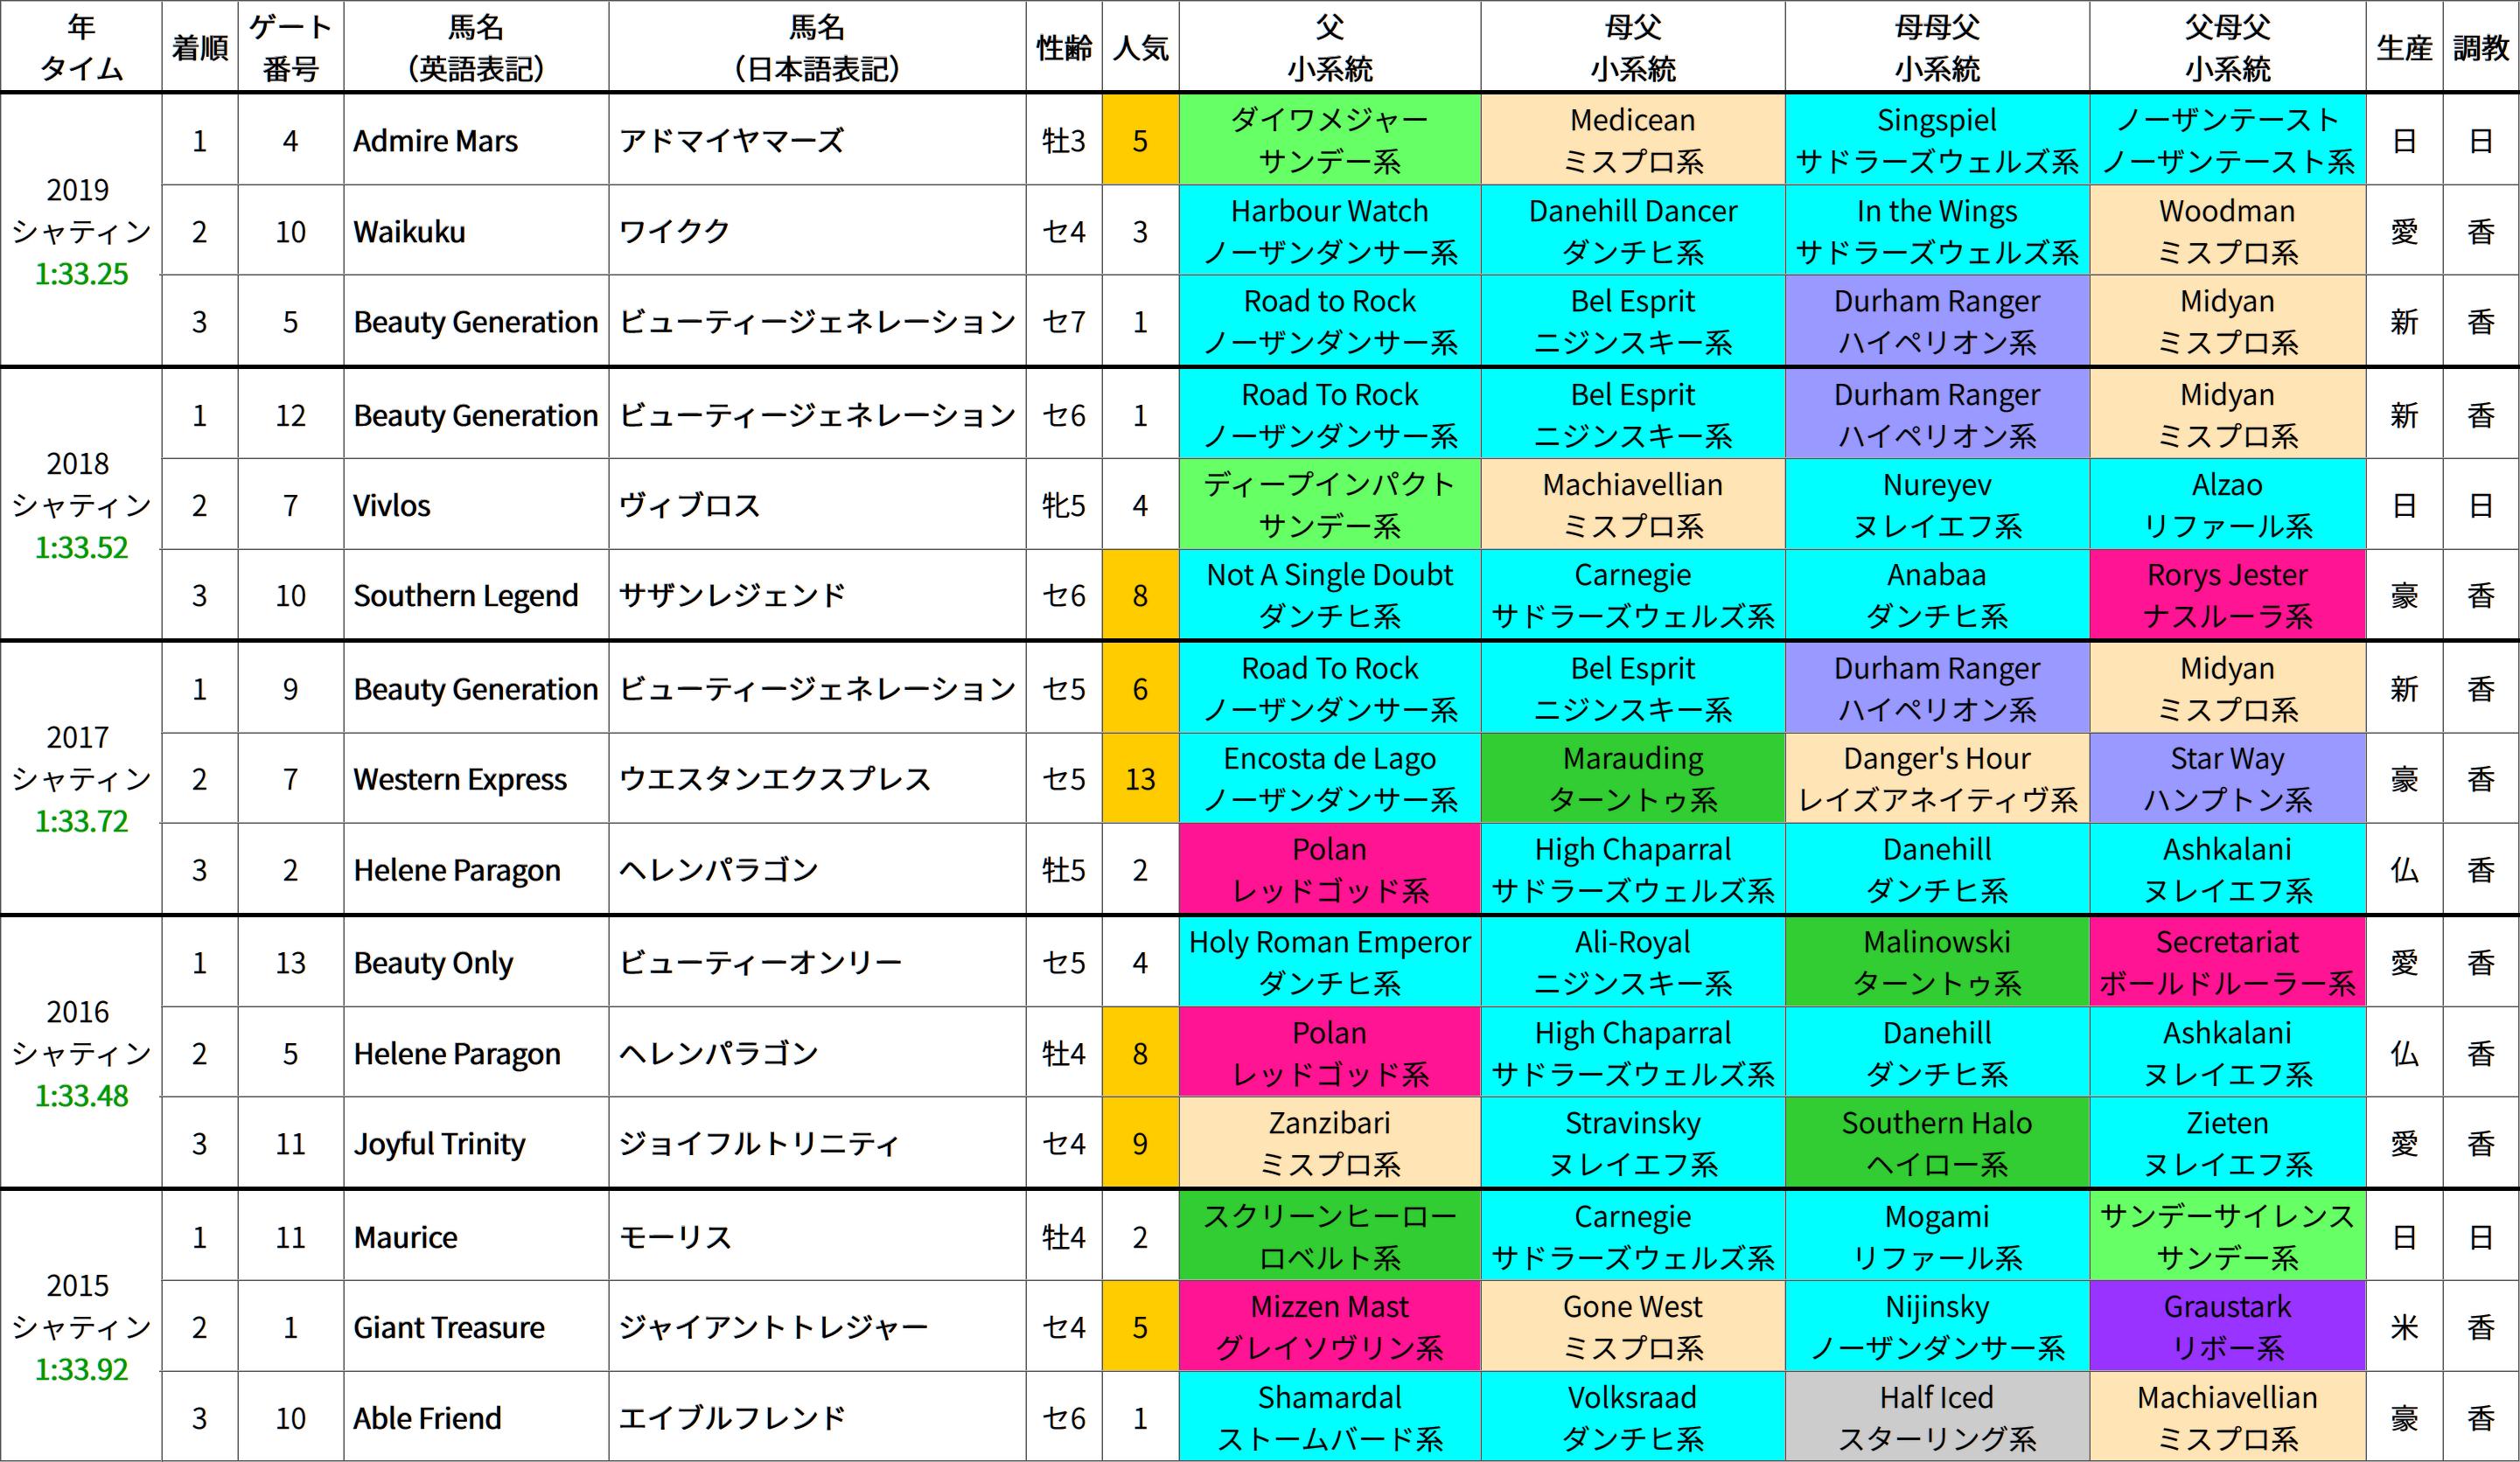 香港マイル(芝1600m) 過去5年の成績&好走馬の血統傾向